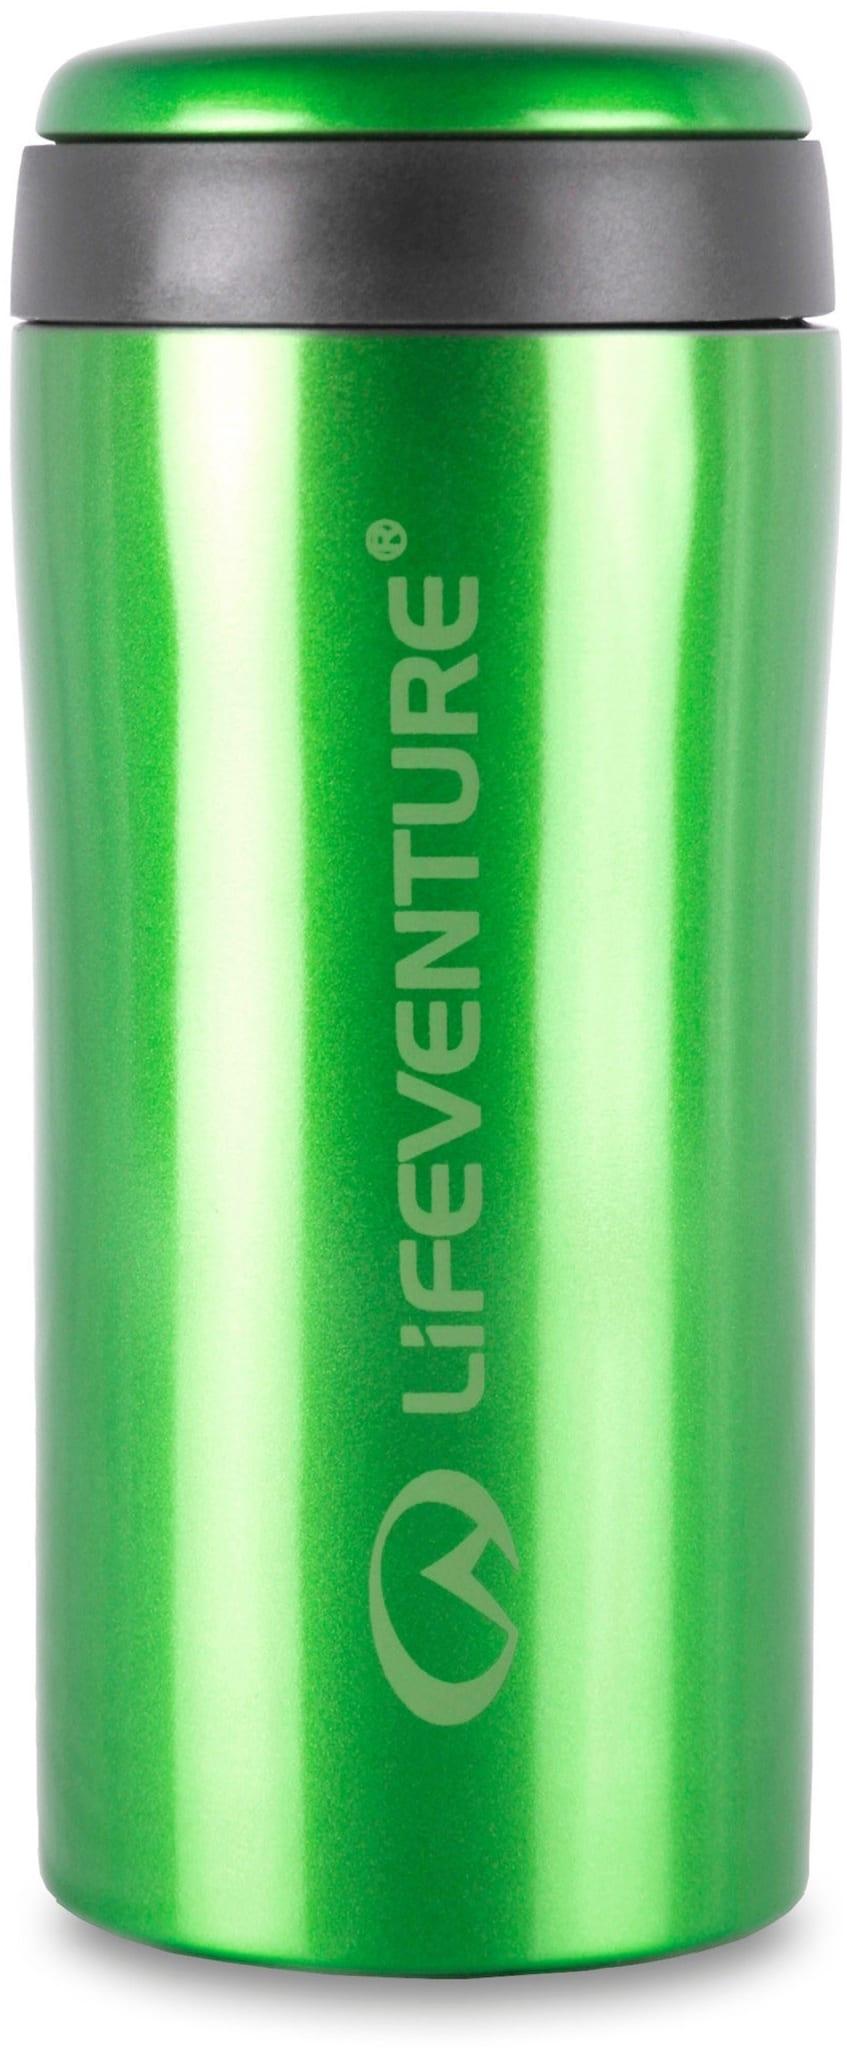 Populær termokopp på 0,3 liter